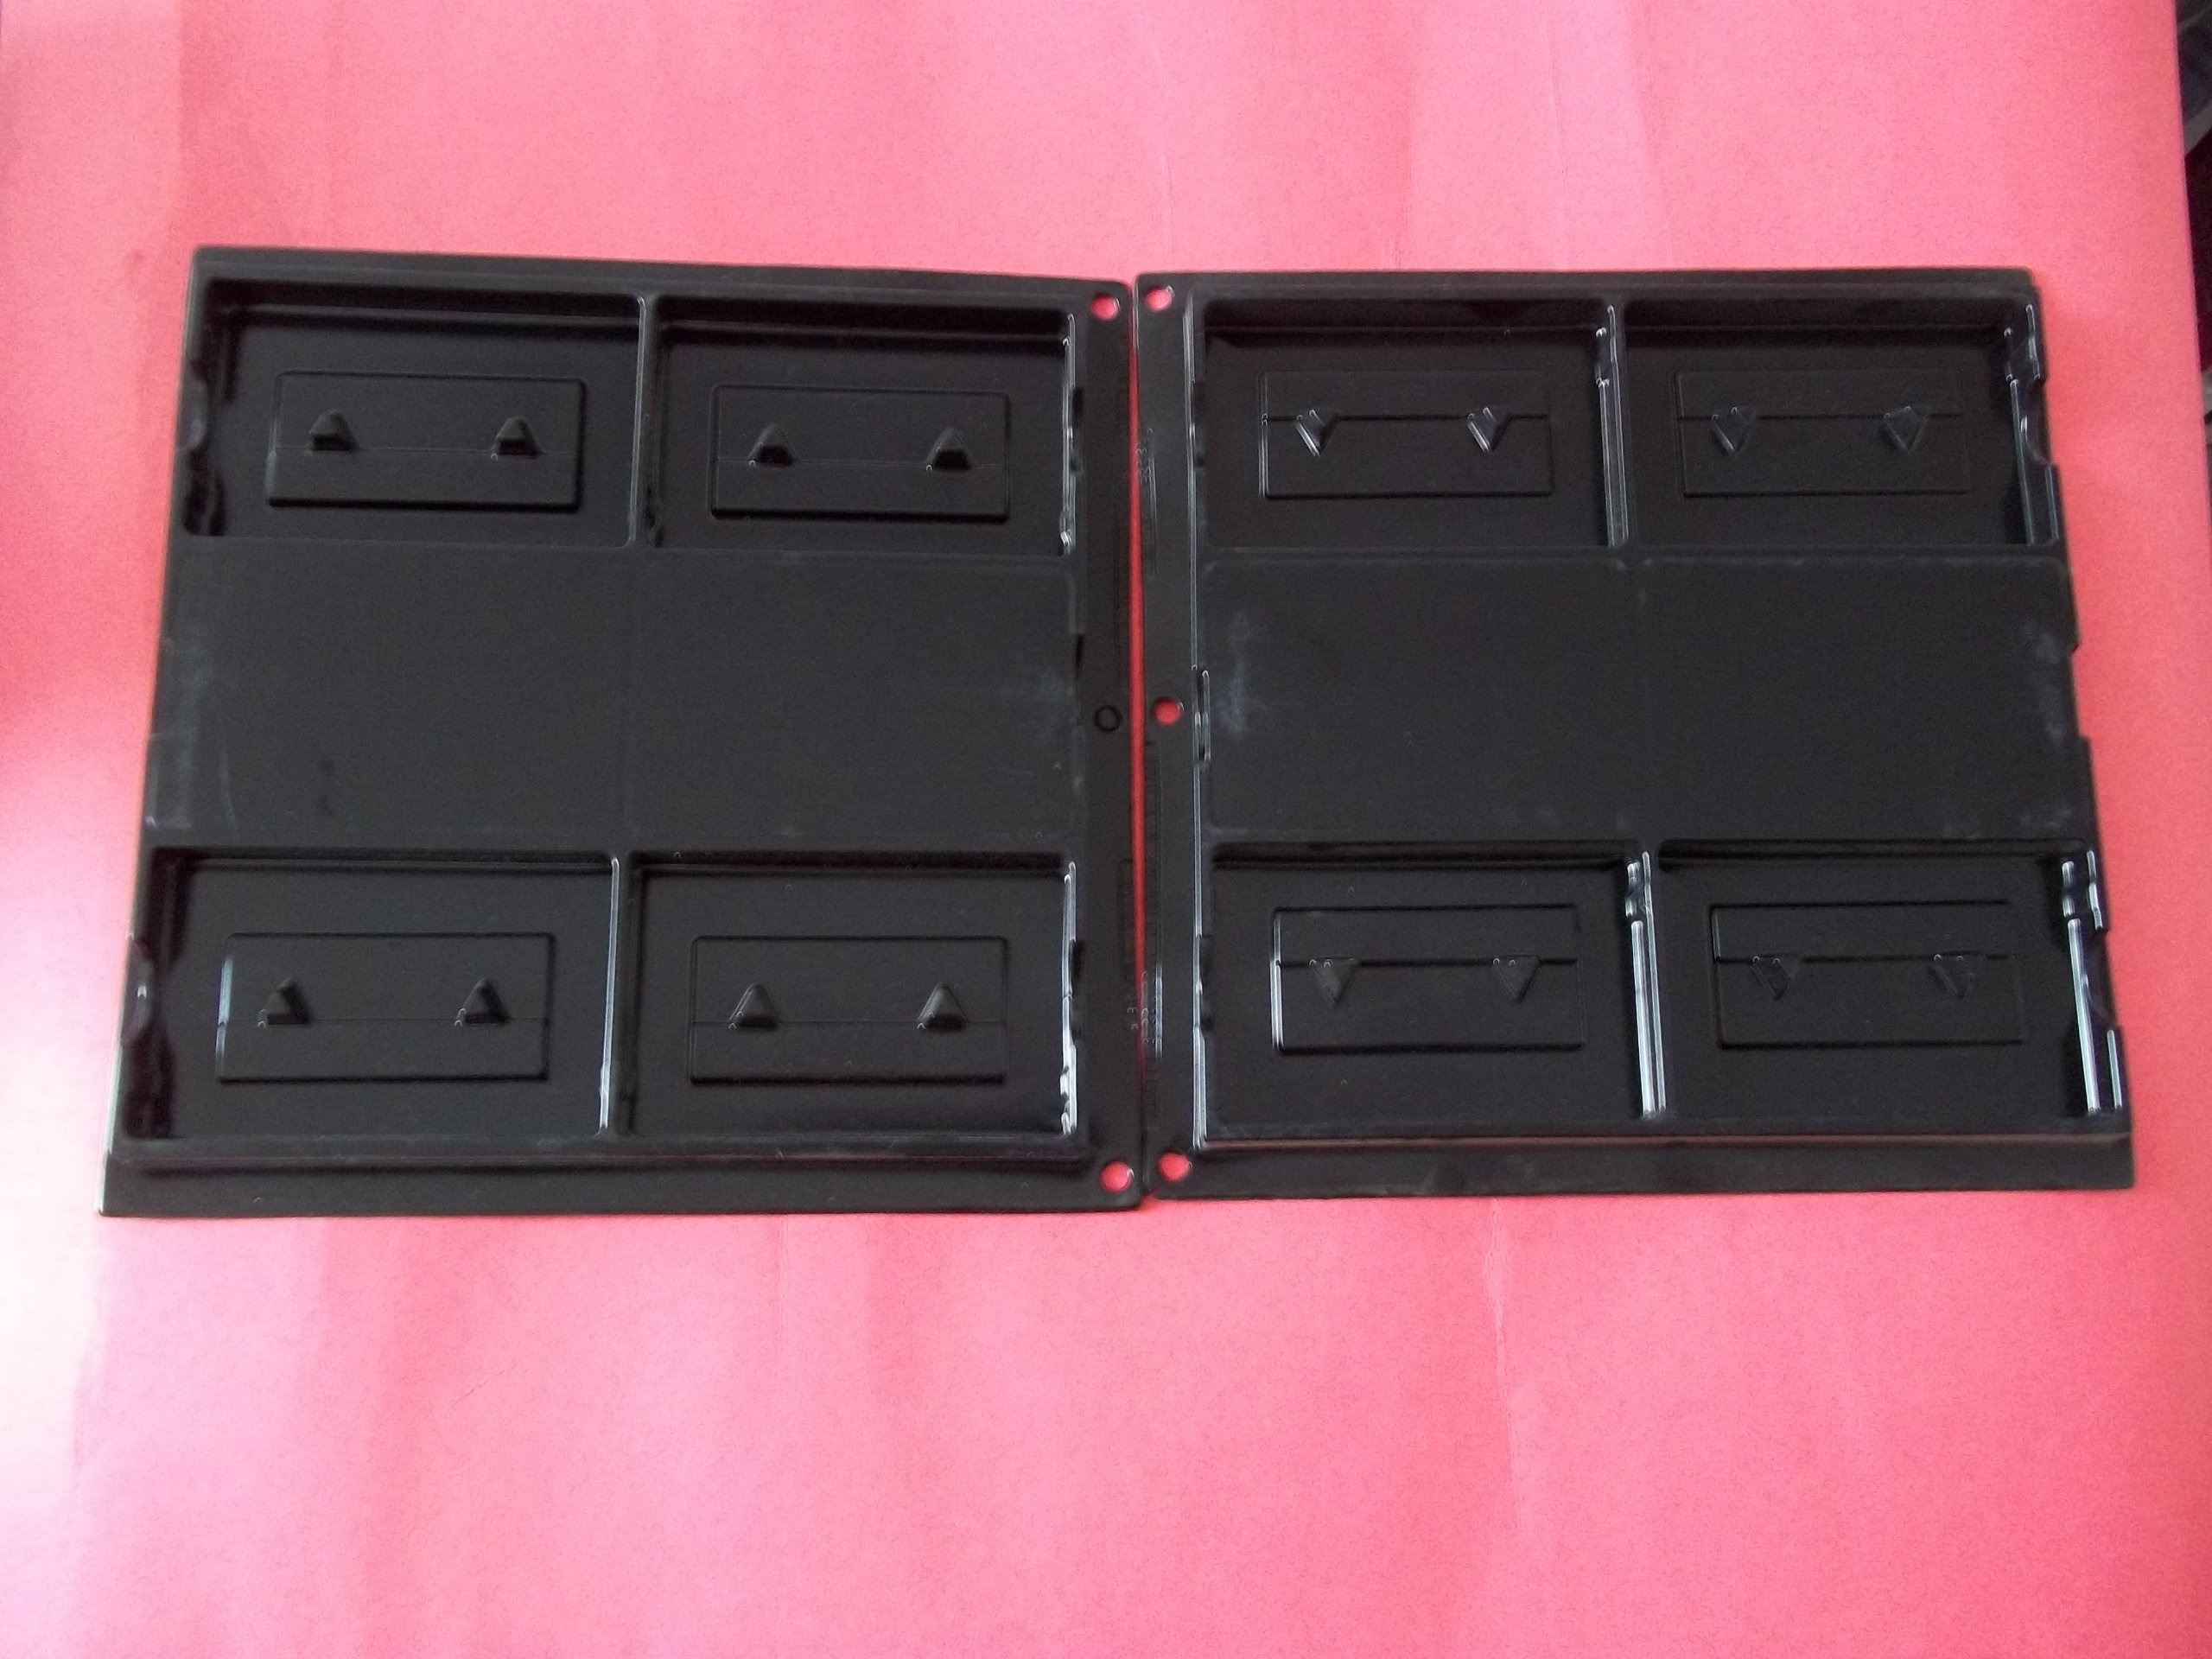 Angler's Co. 83048 Audio Cassette Storage Album Black Holds 4 Cassettes